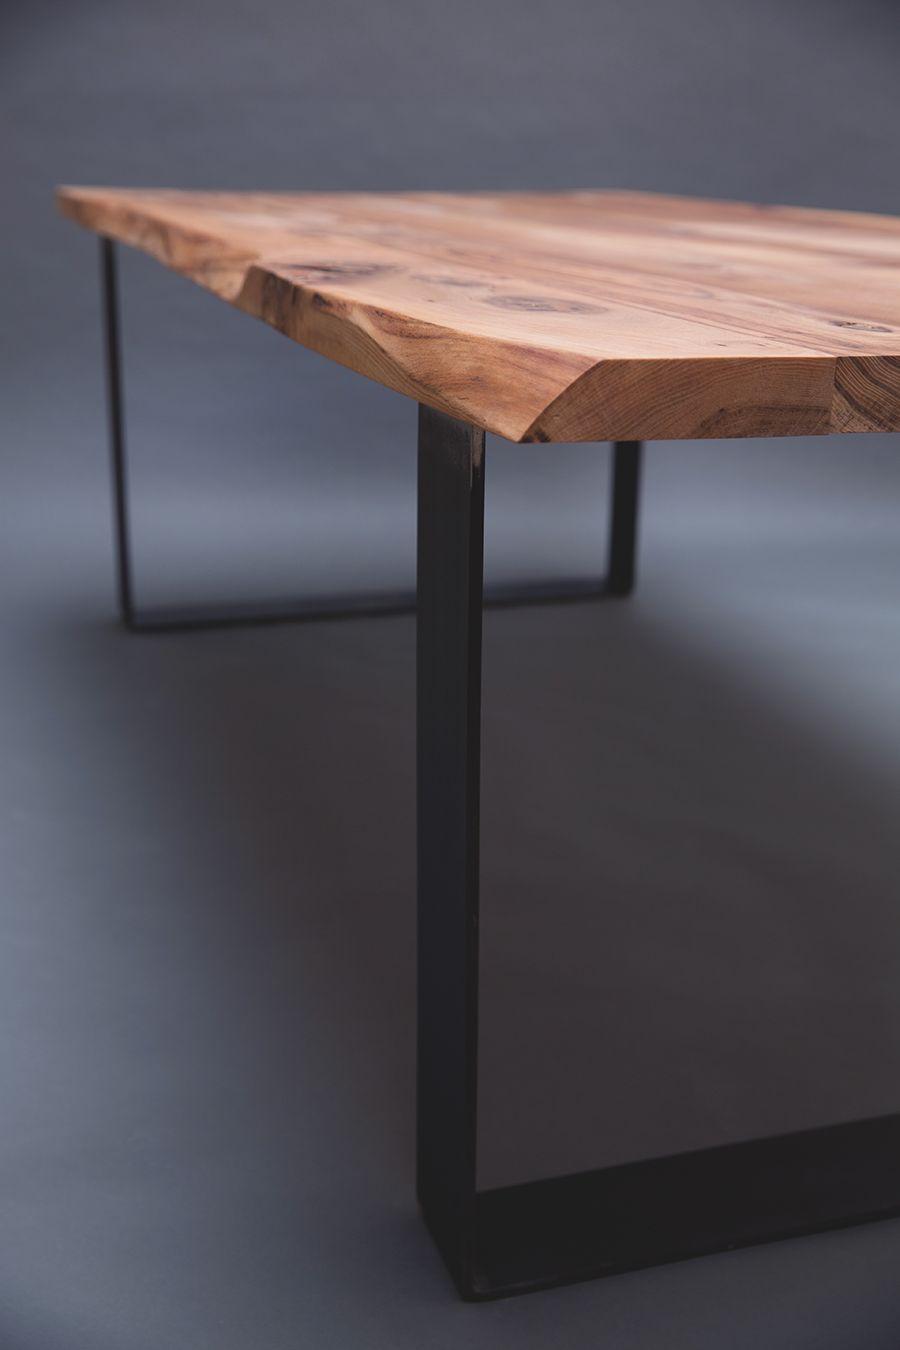 Vous Pouvez Voir Ici Une Magnifique Table En Orme Europeen En Plus D Etre Un Bois Tres Rare De Nos Jours Salle A Manger Bois Table Salle A Manger Table Design